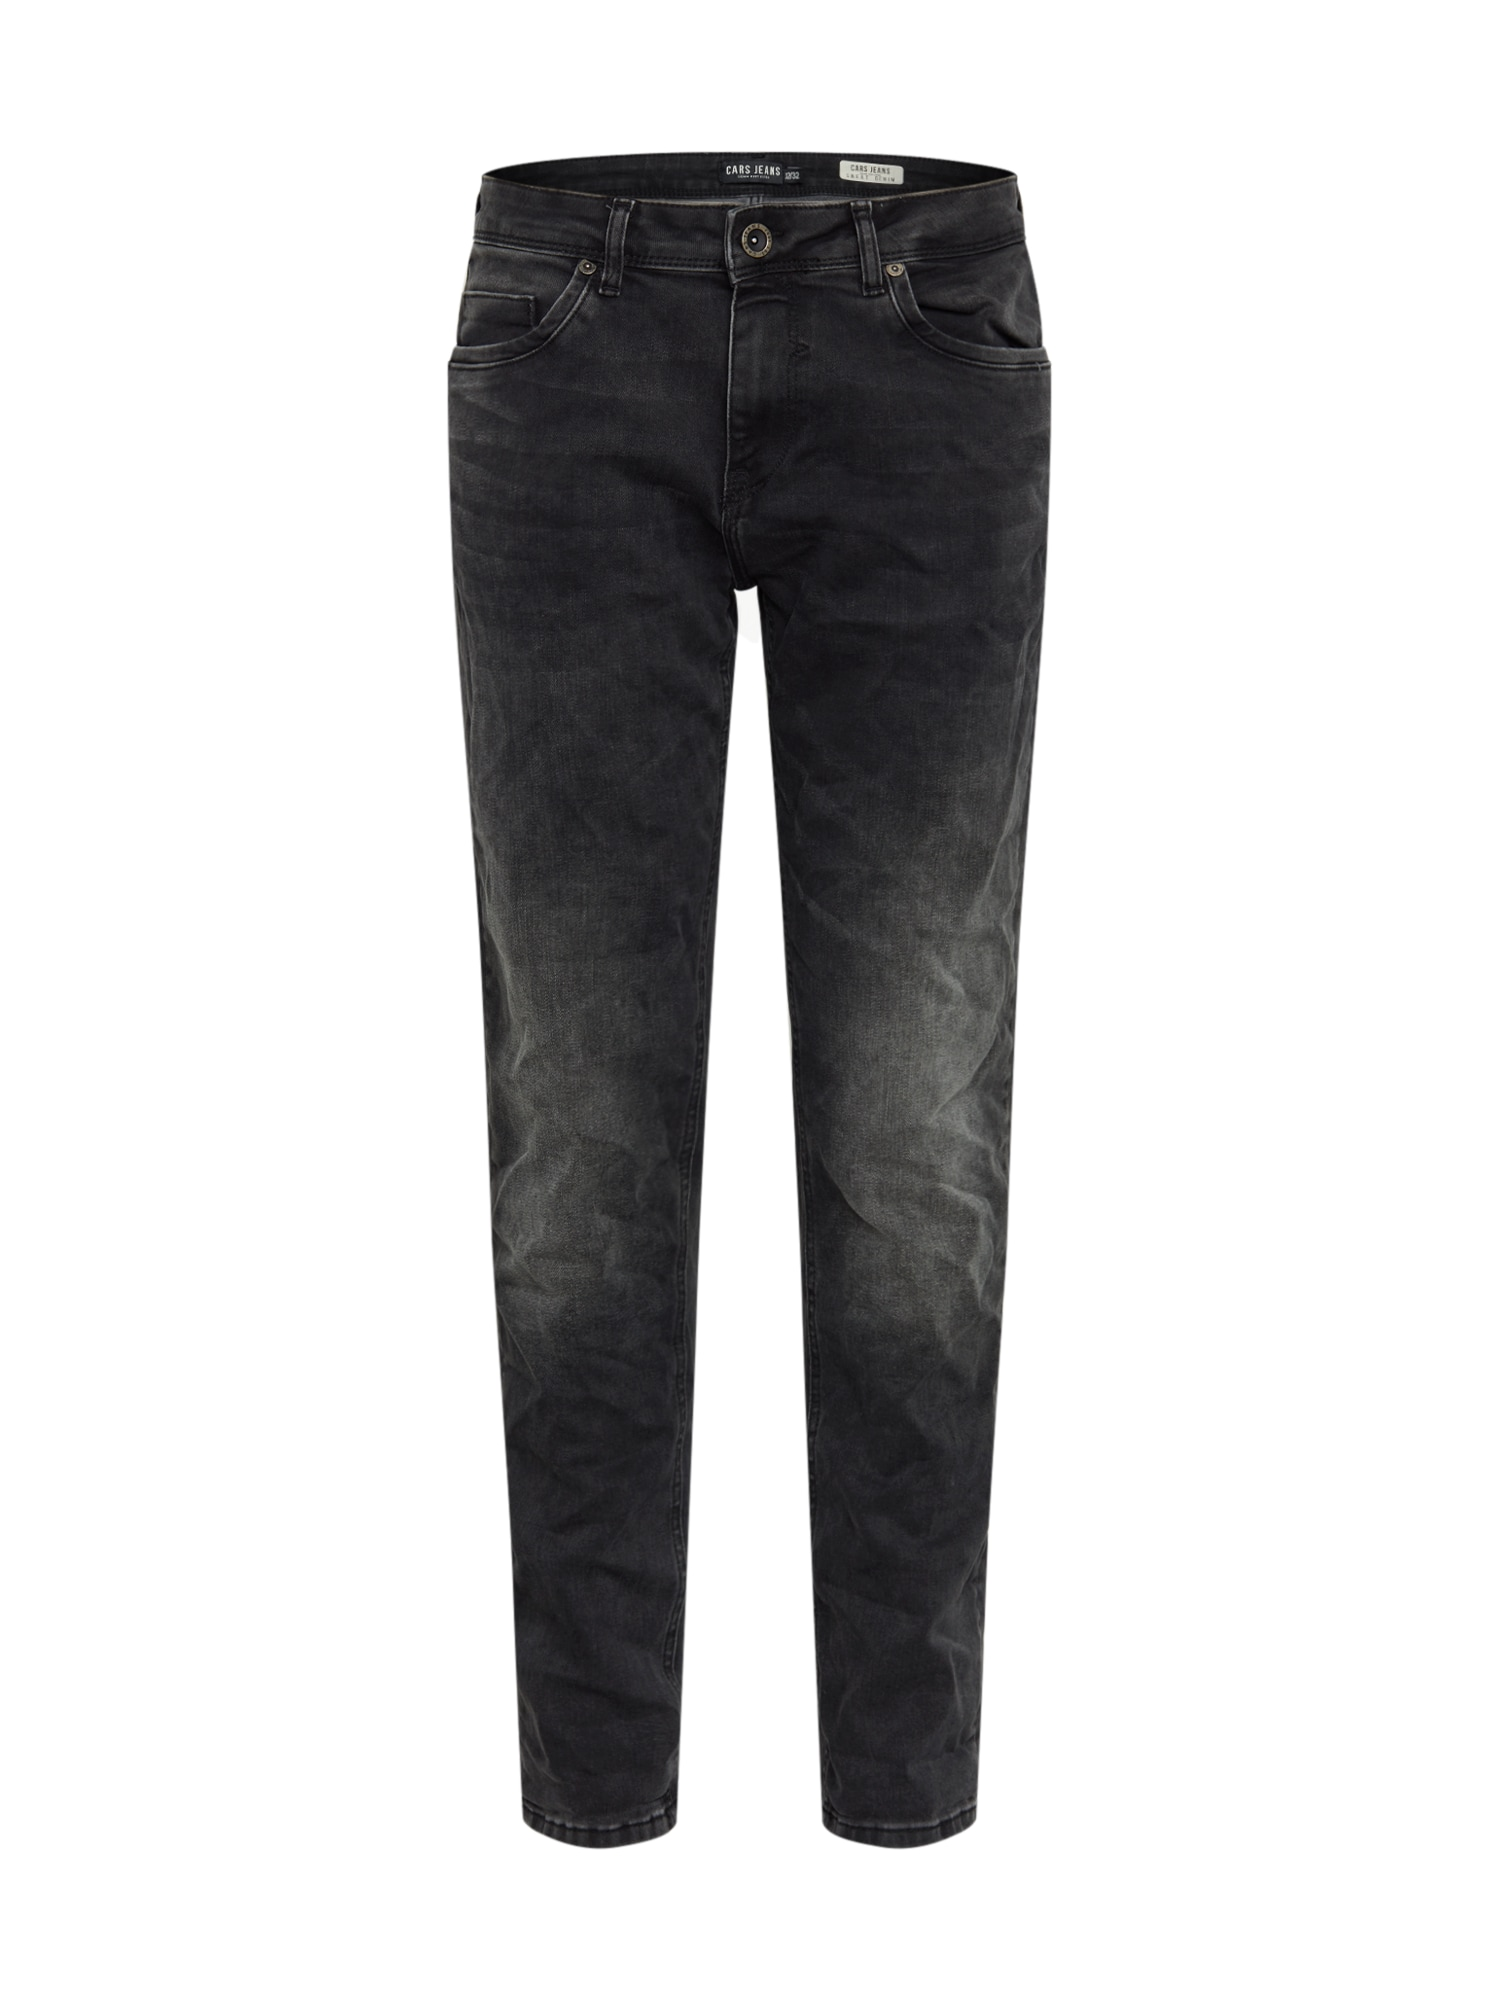 Cars Jeans Džinsai 'THRONE' juodo džinso spalva